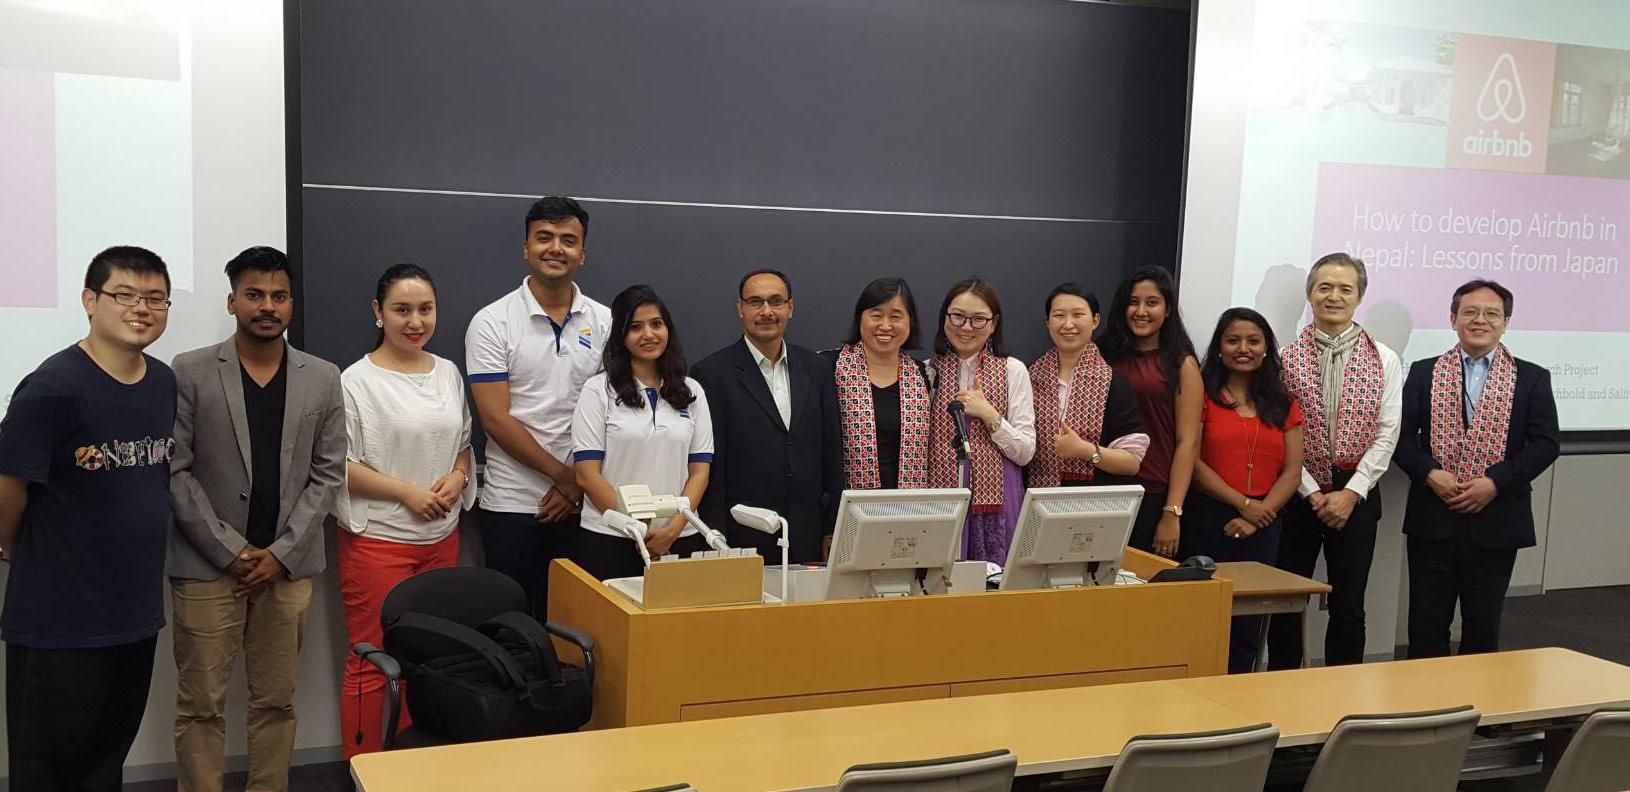 東洋学園大学大学院とネパール・キングス・カレッジが双方交流型の合同リサーチプロジェクトを実施